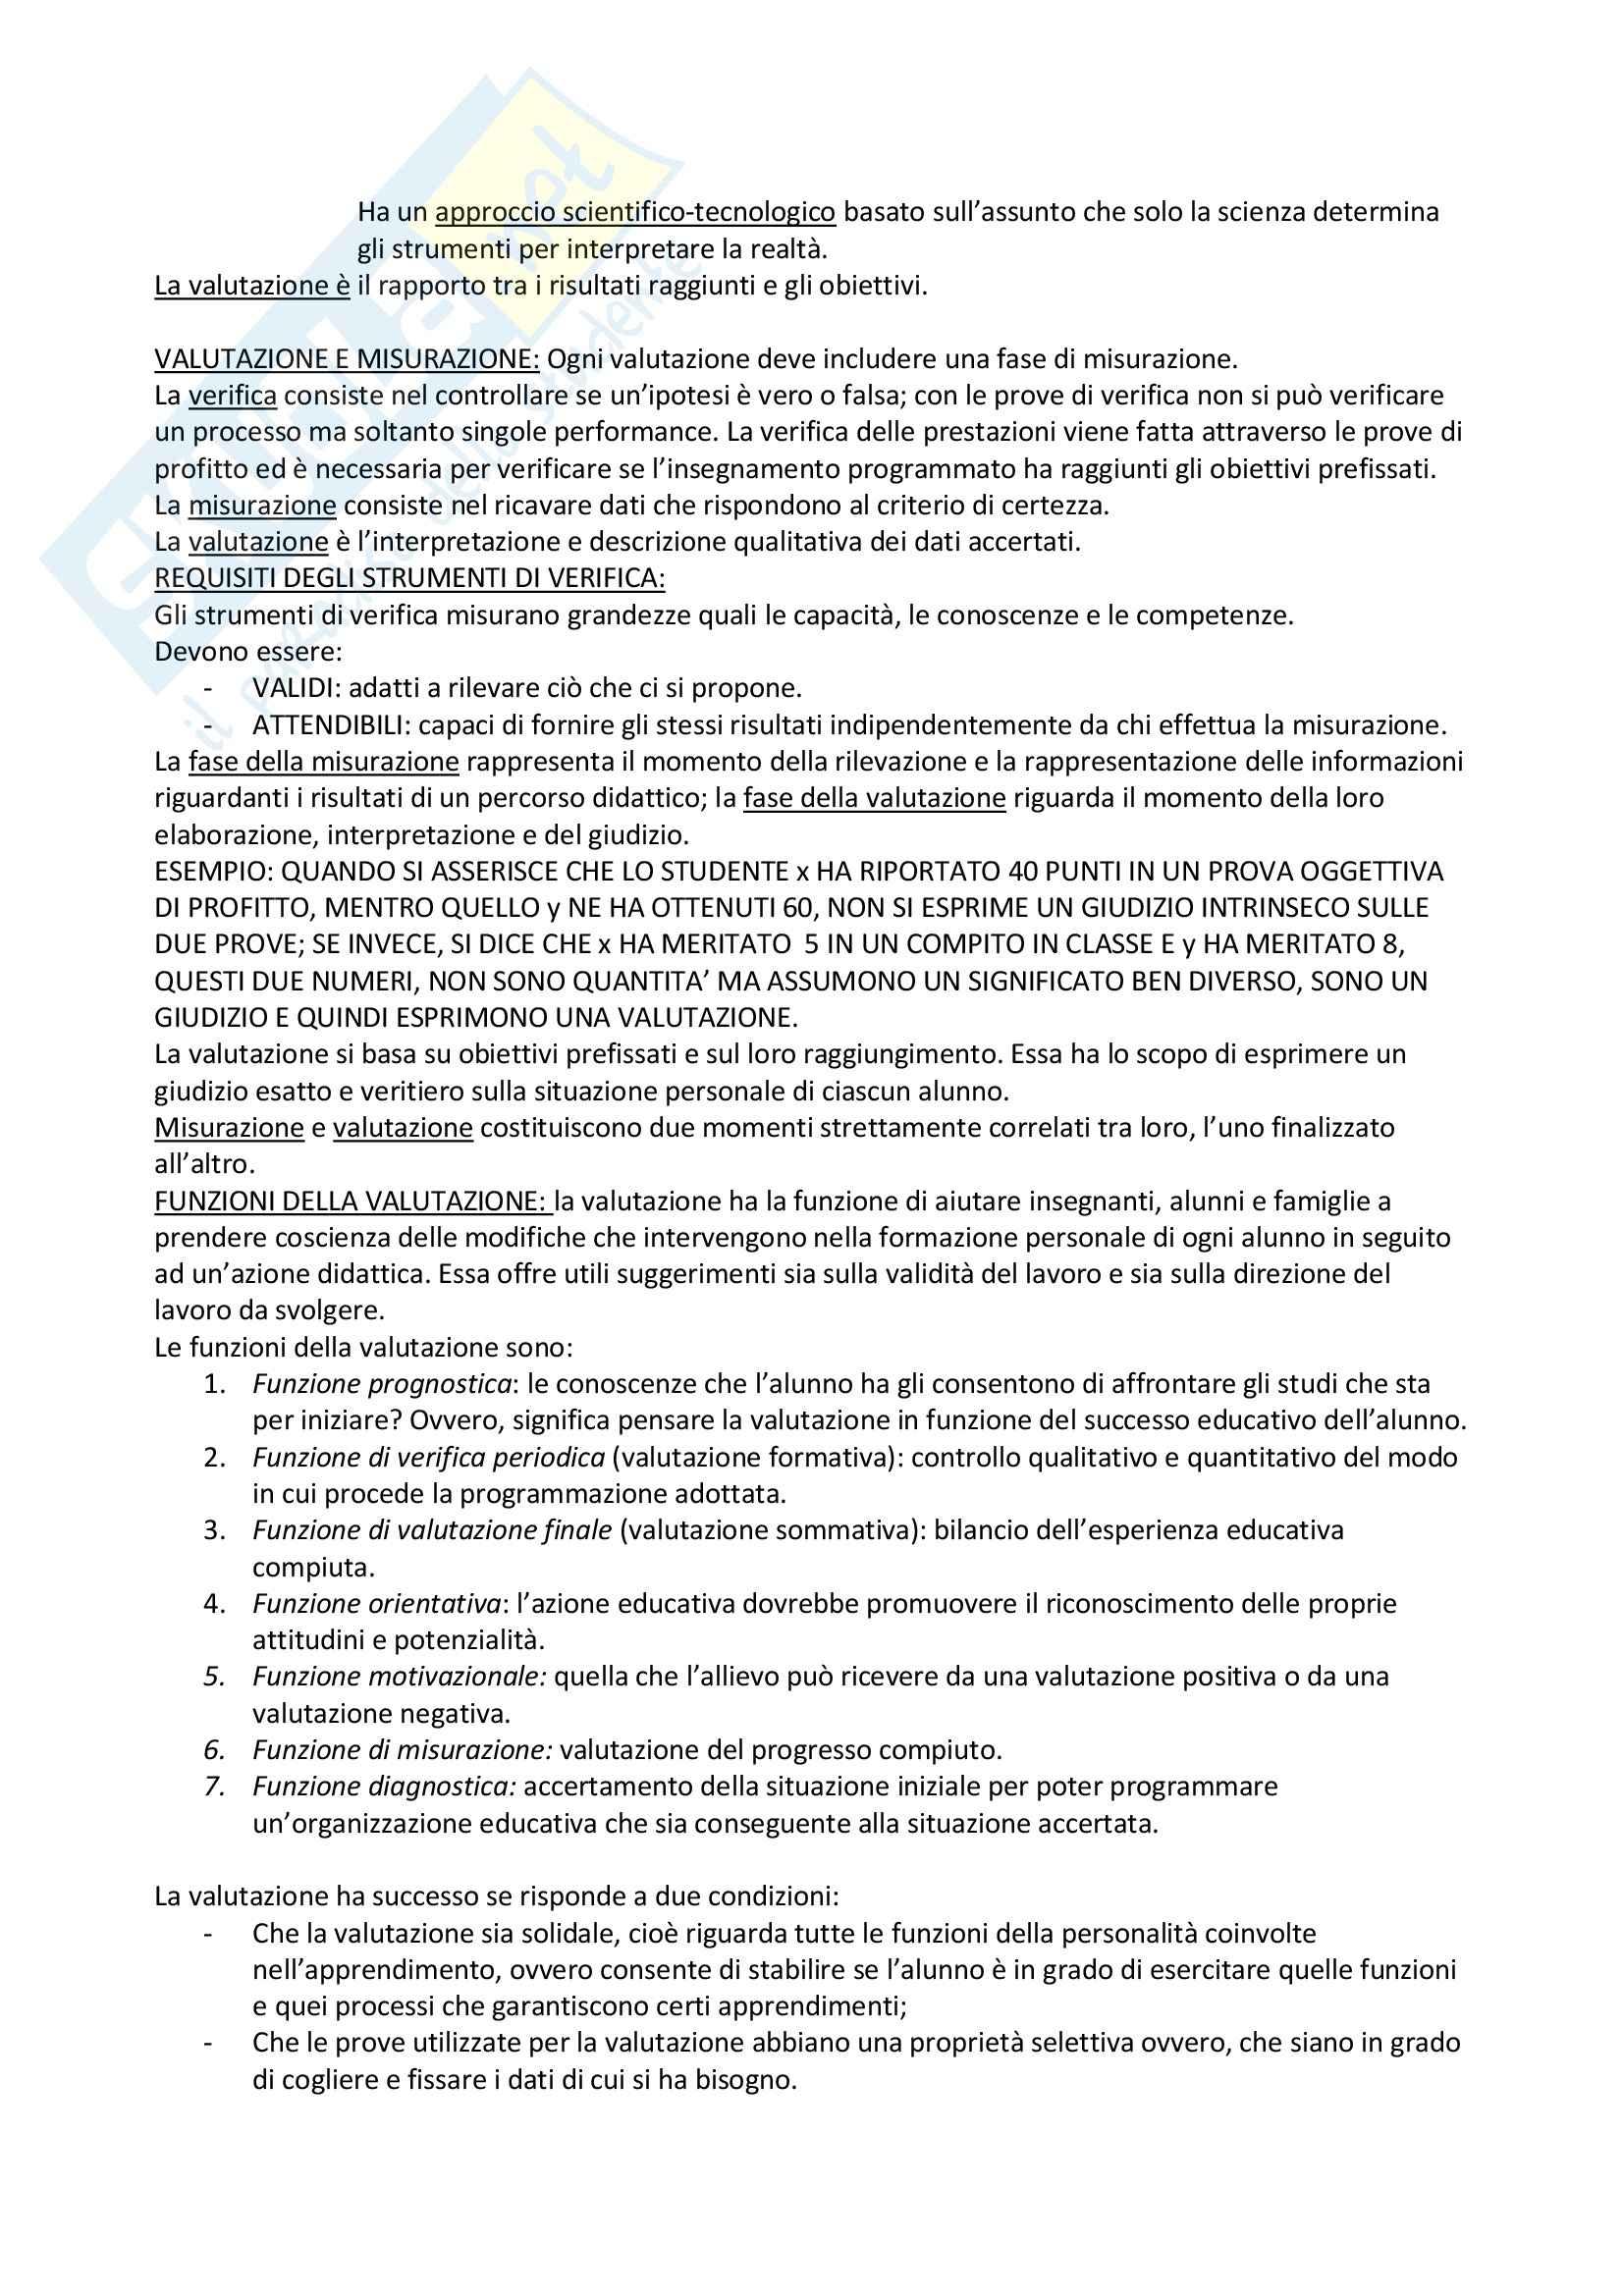 Docimologia - valutazione e contesto educativo Pag. 6